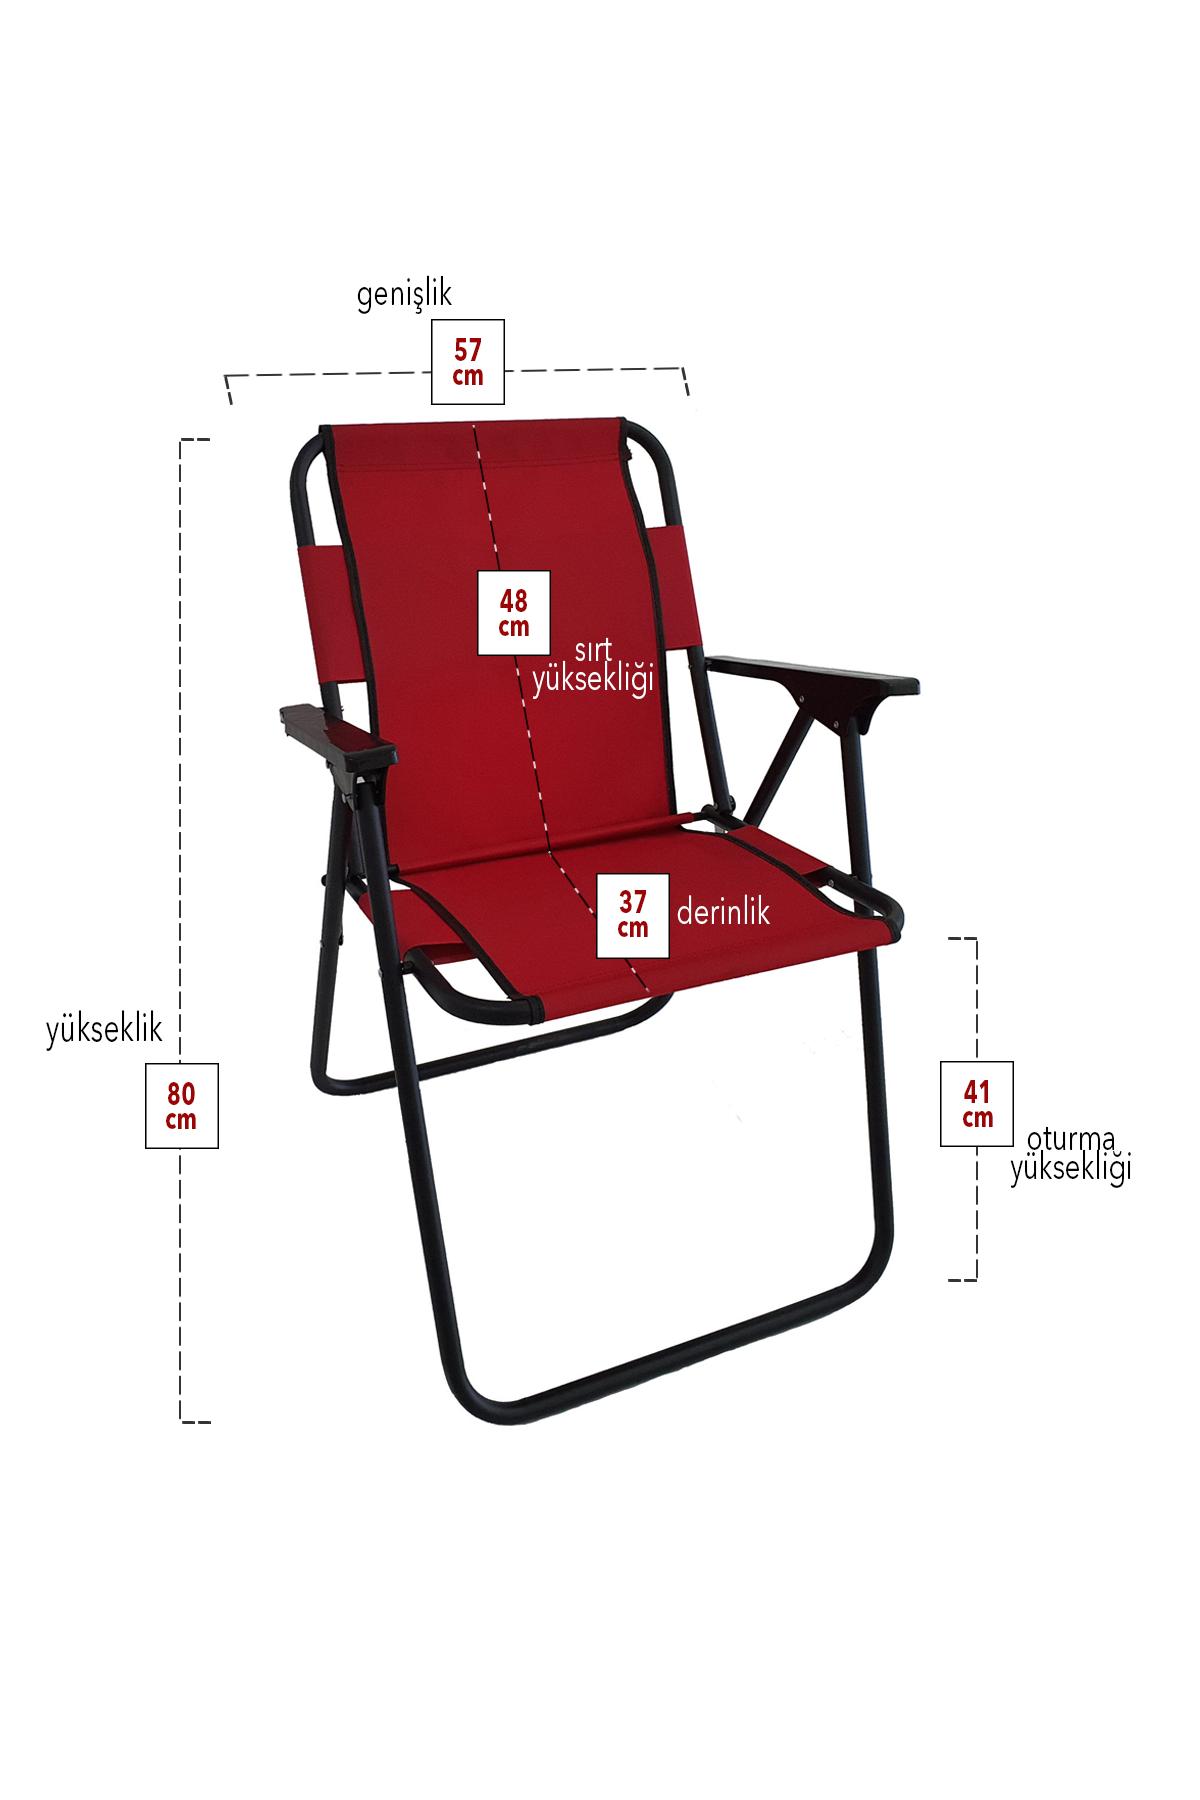 Bofigo 2 Adet Kamp Sandalyesi Katlanır Sandalye Piknik Sandalyesi Plaj Sandalyesi Kırmızı